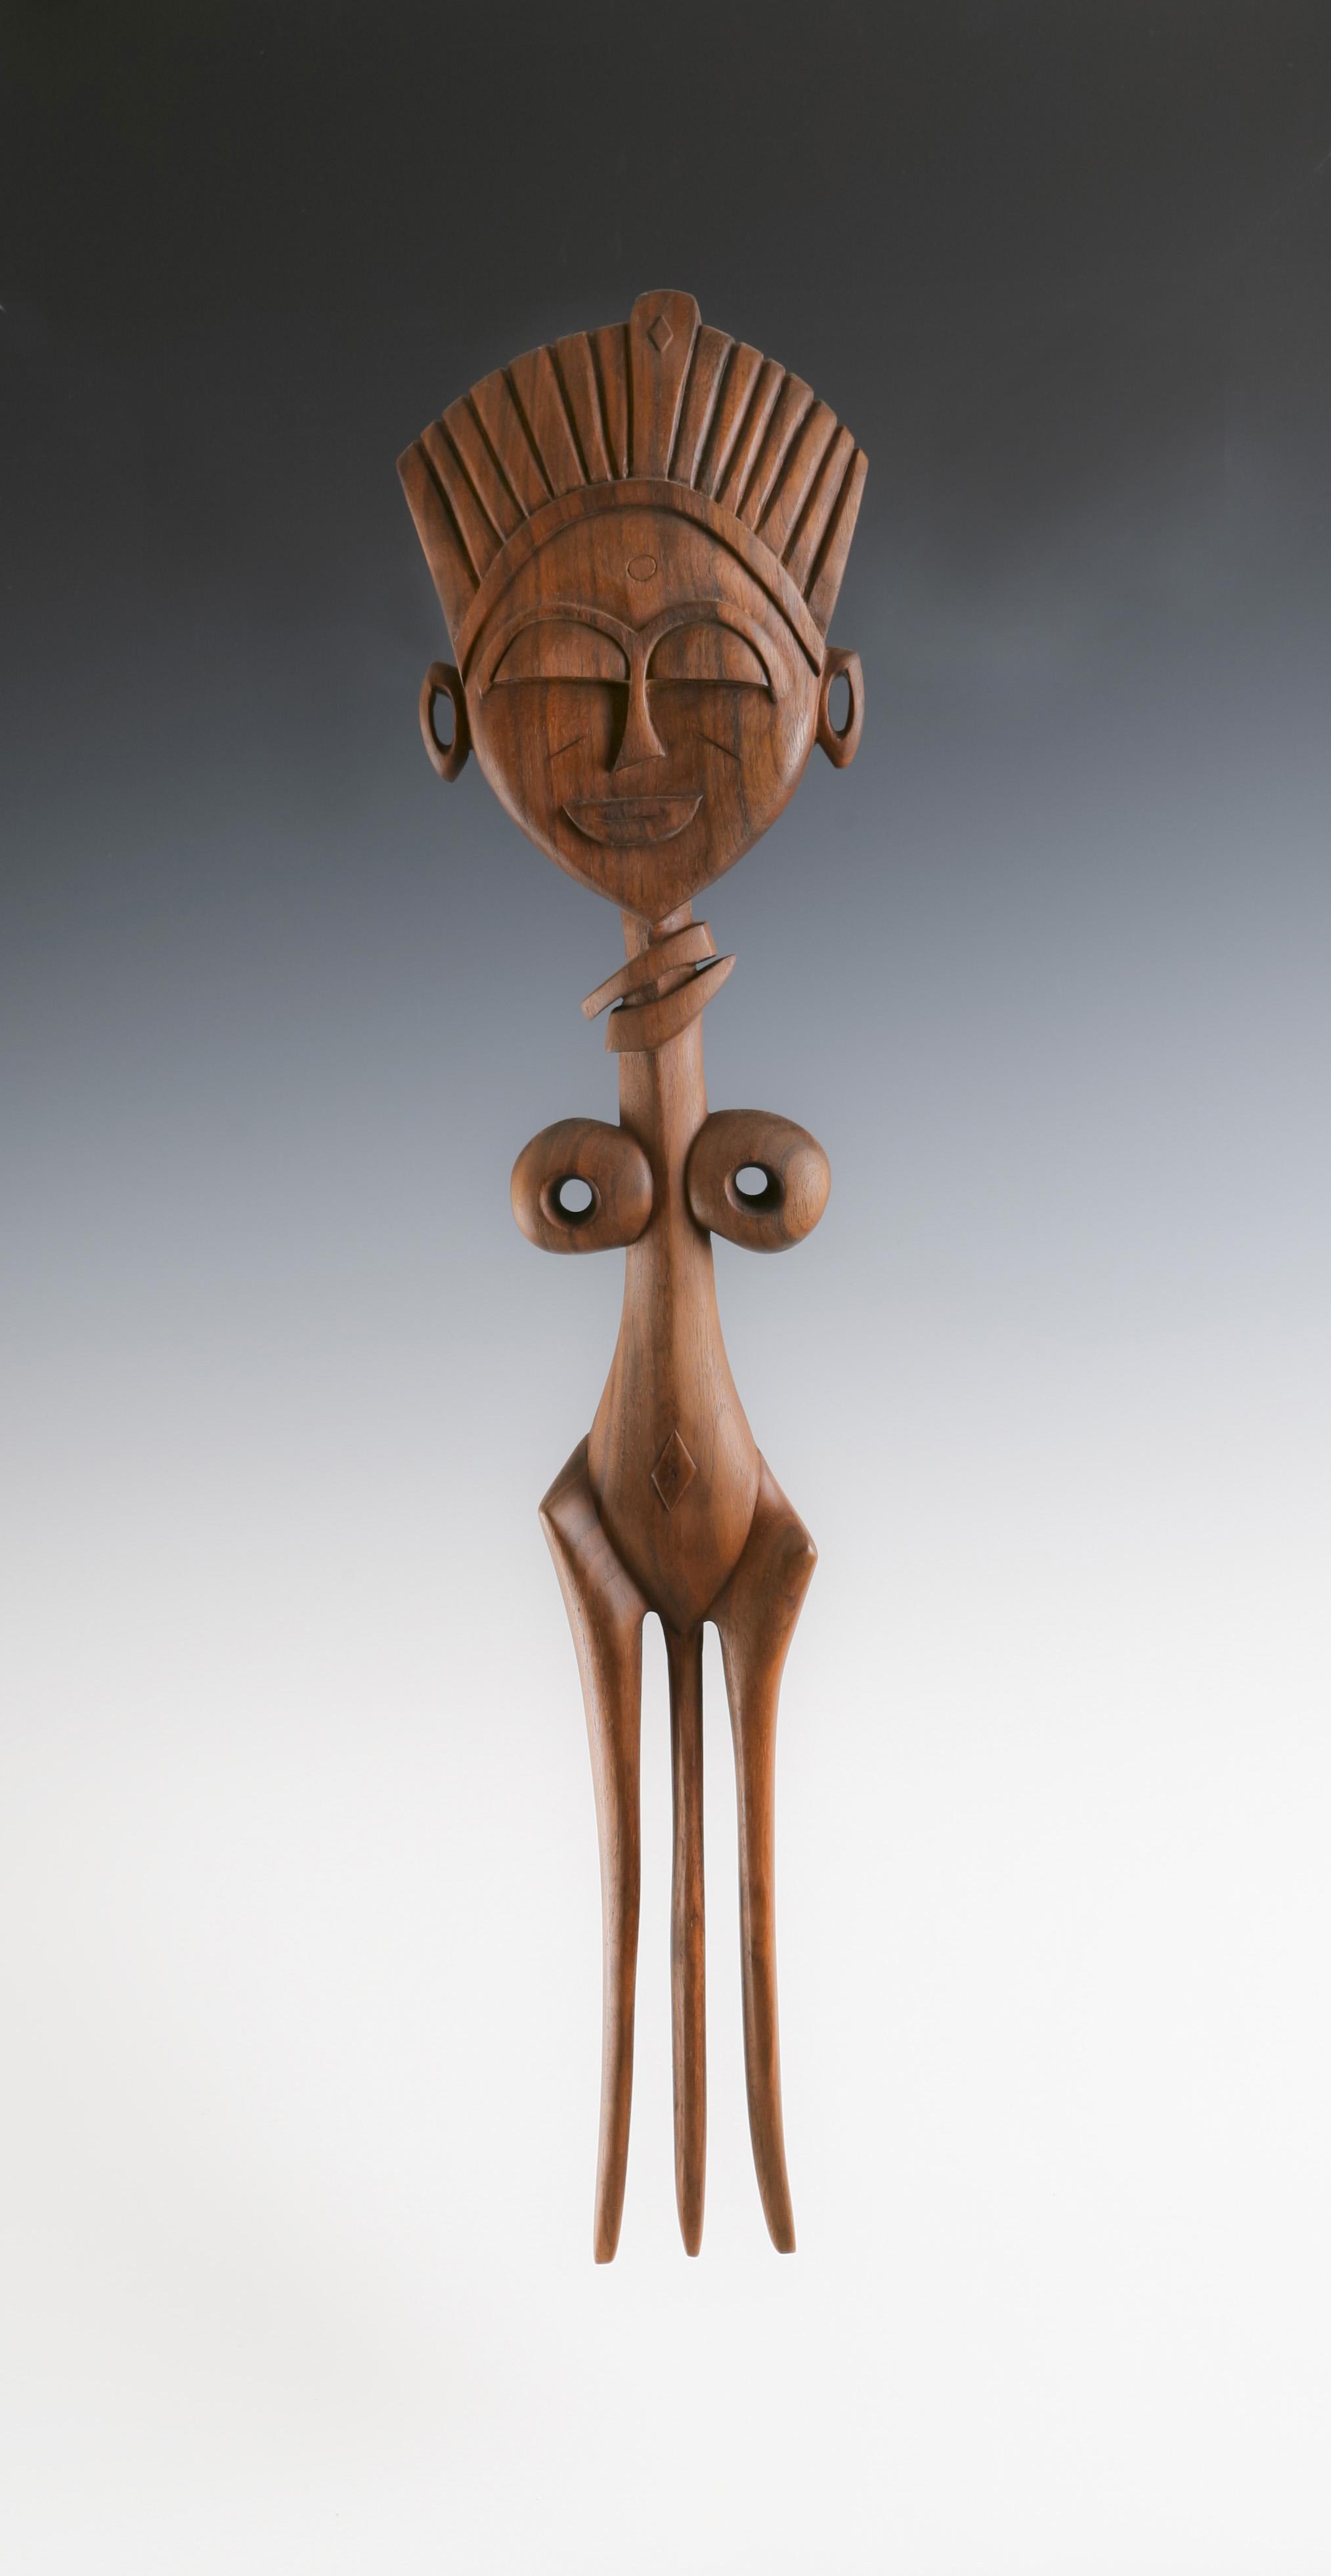 African hair pin sculpture